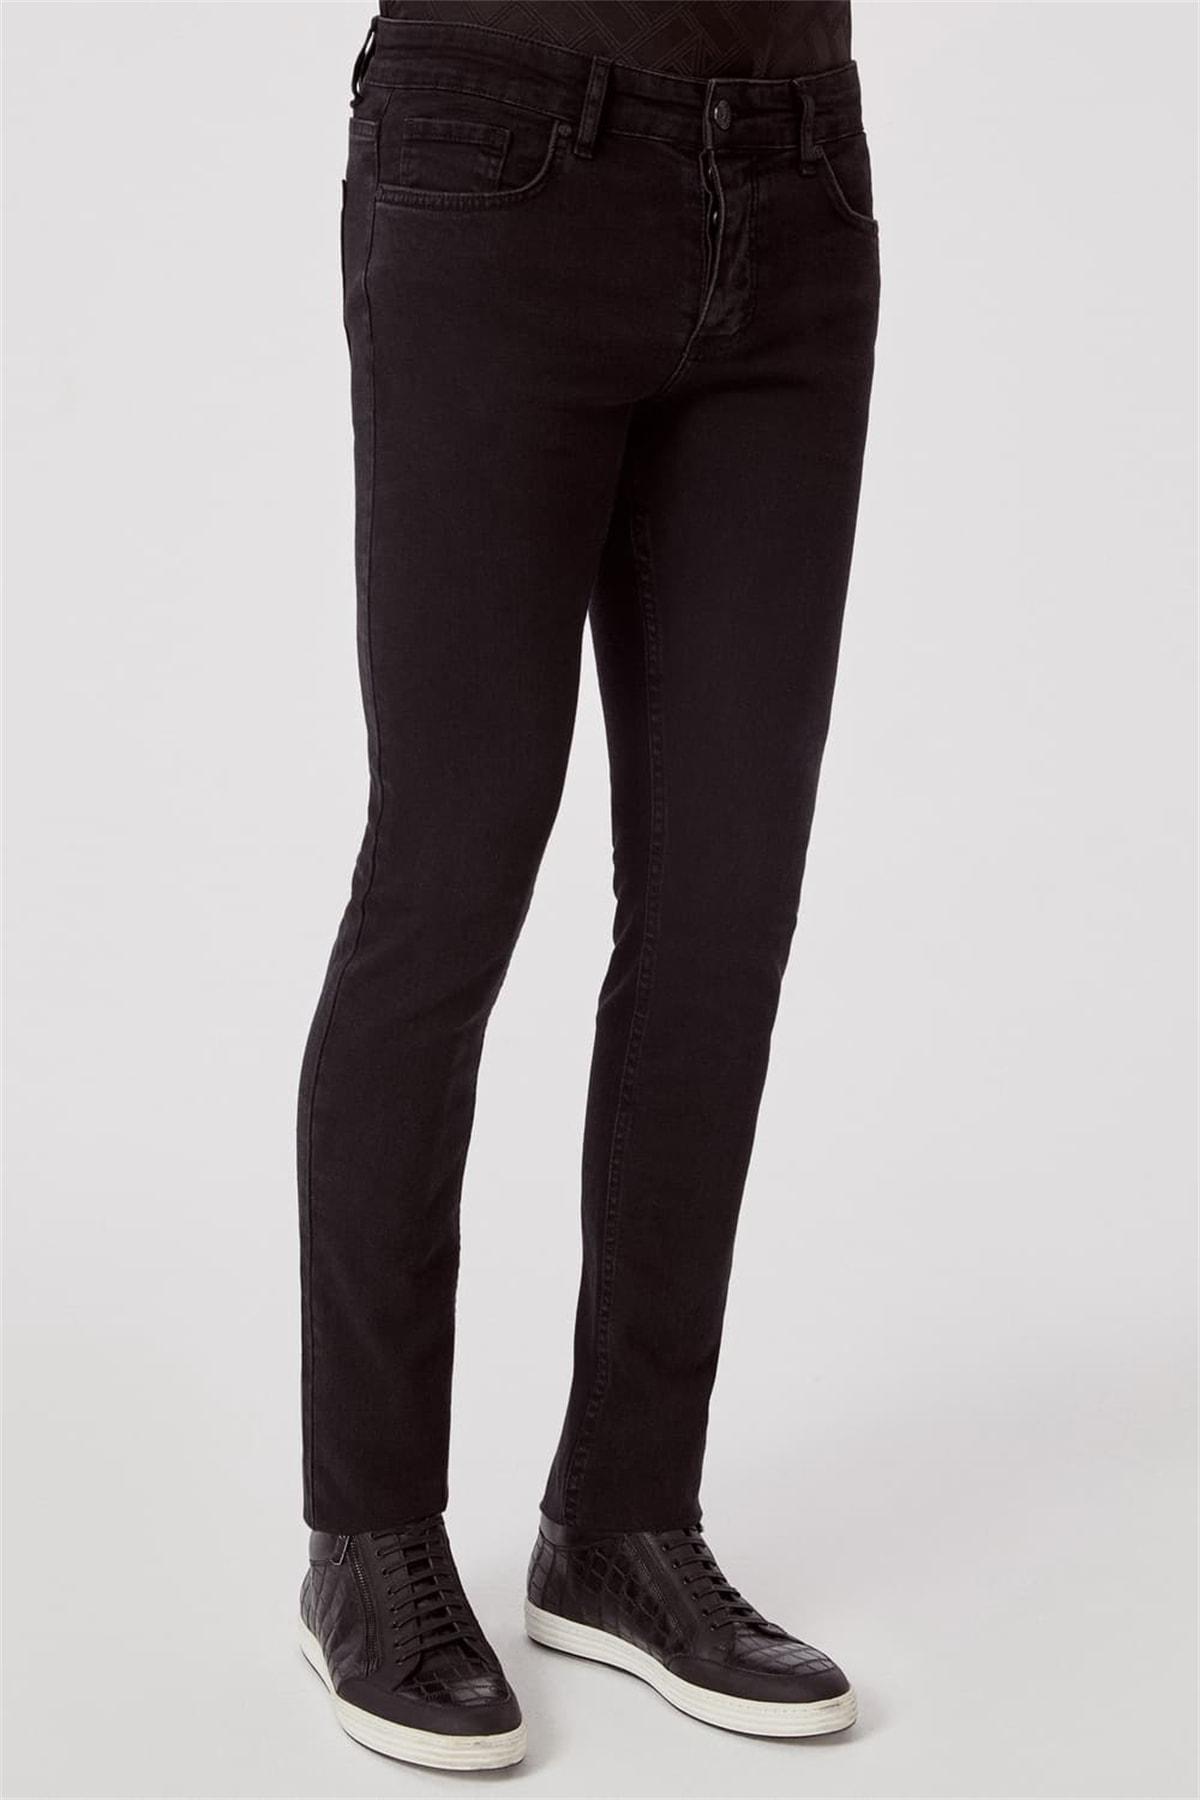 Efor 065 Slim Fit Siyah Jean Pantolon 2